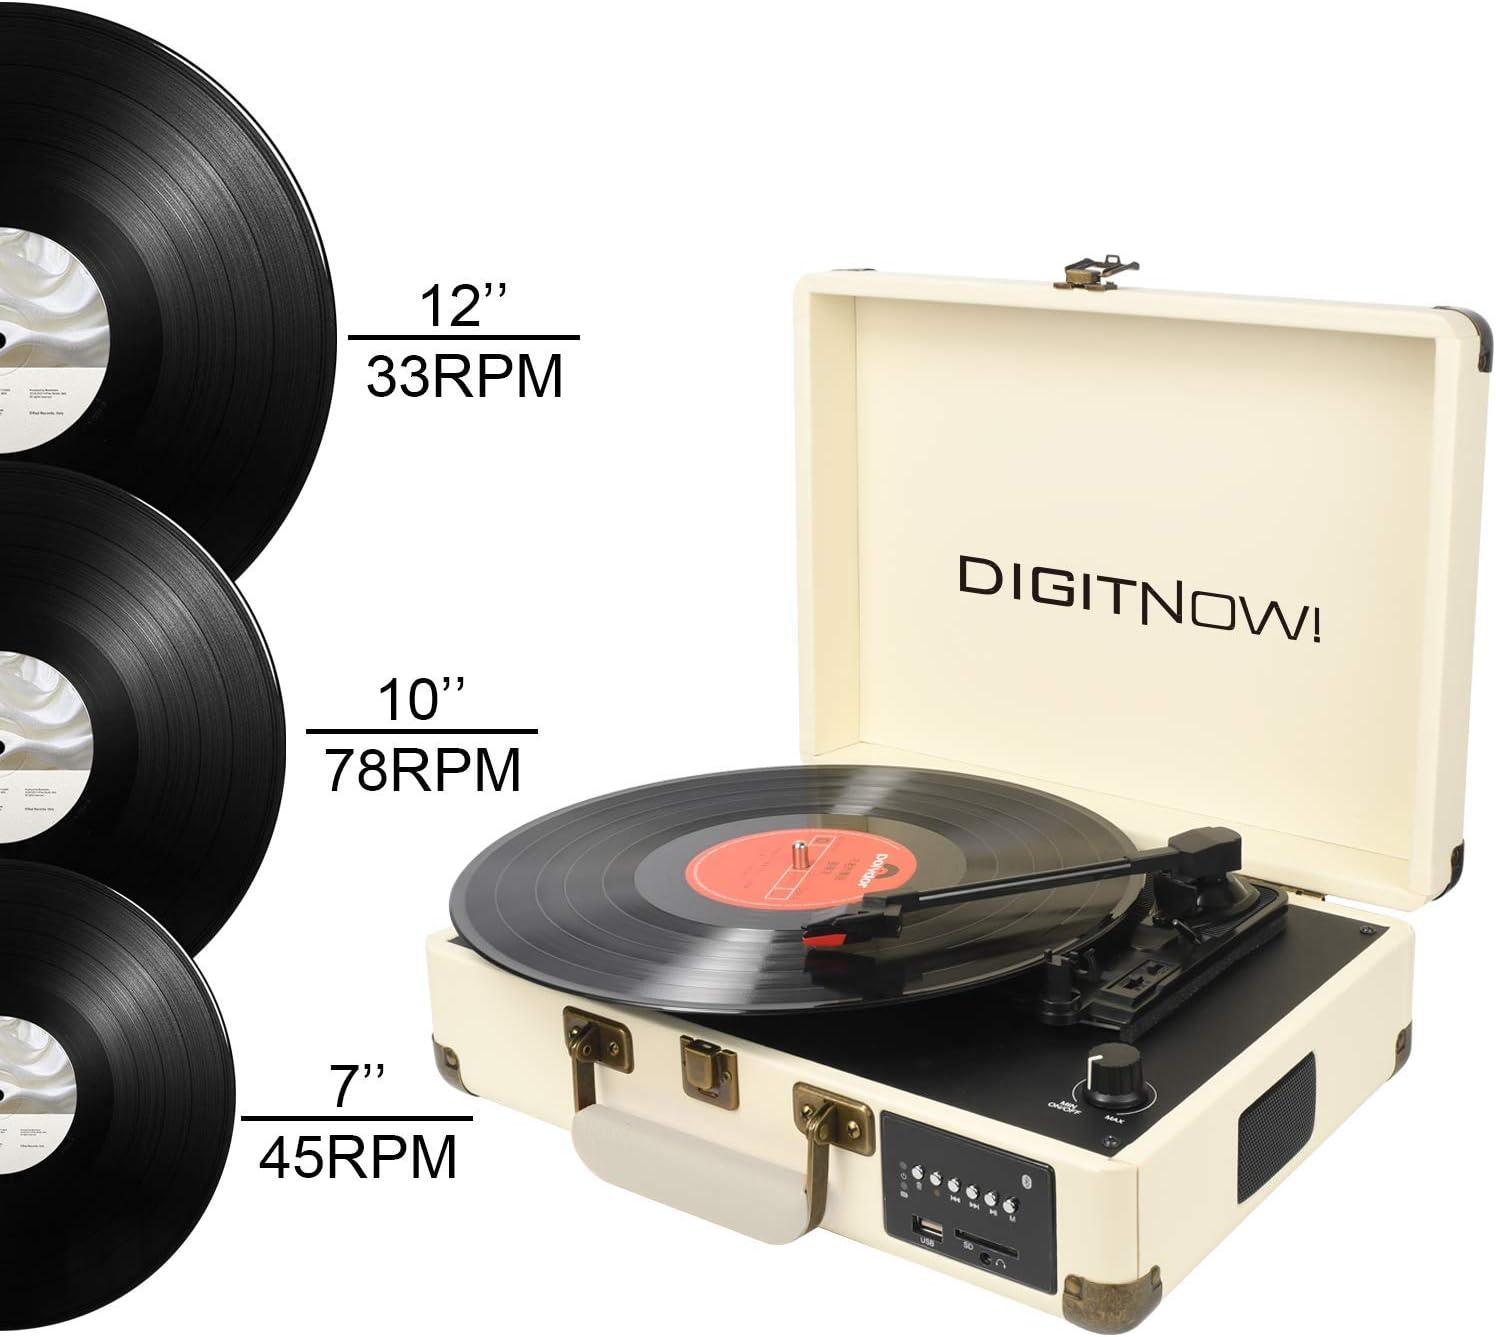 Amazon.com: digitnow, Blanco: Home Audio & Theater